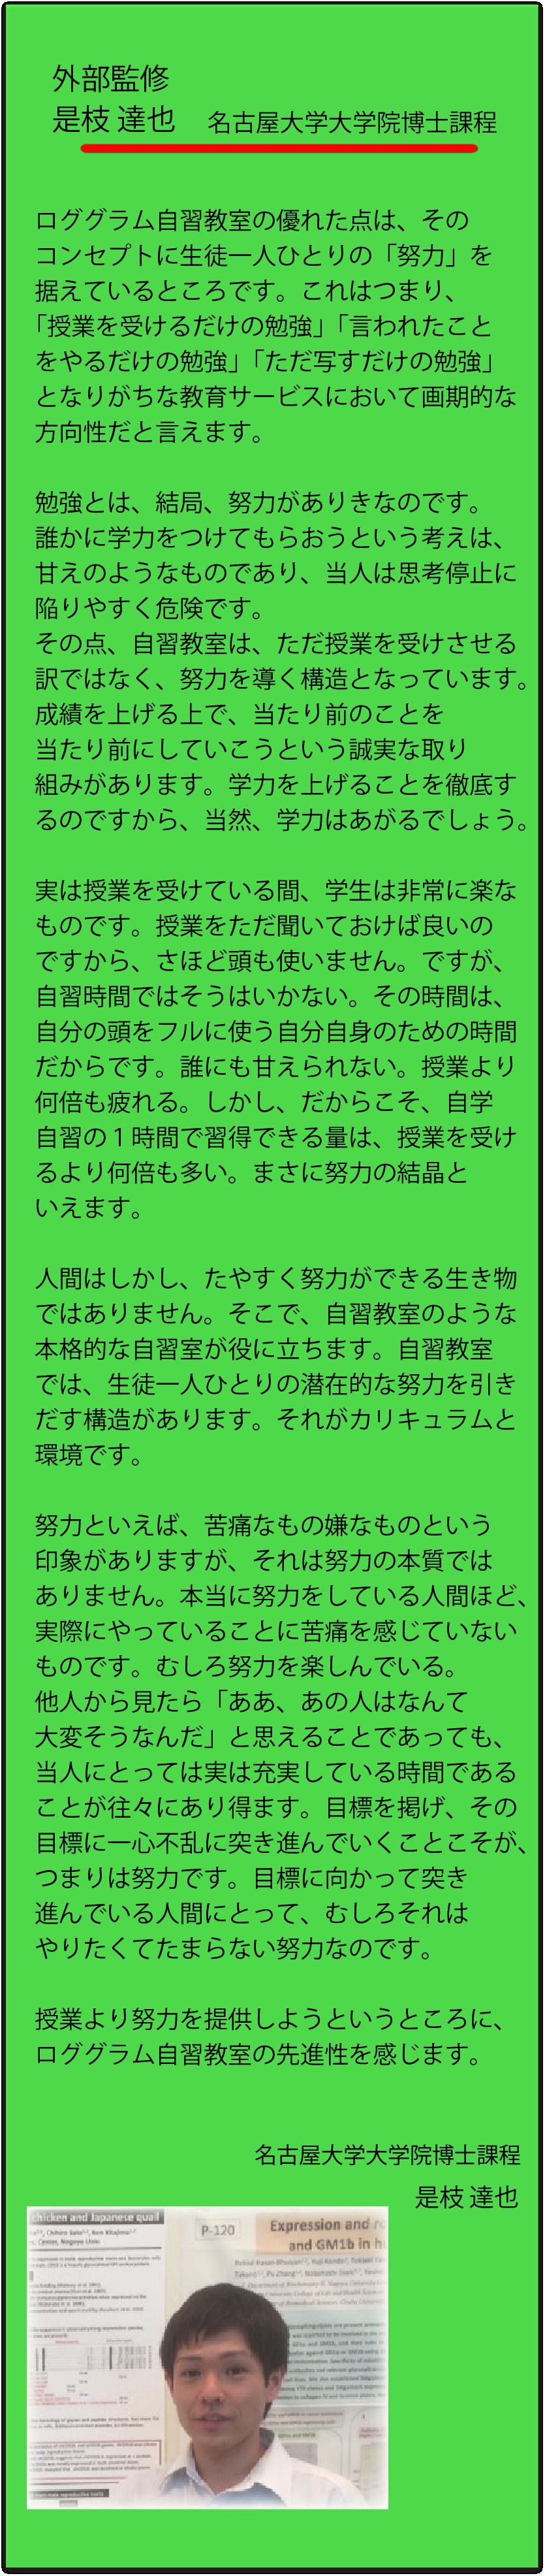 外部監修の名古屋大学大学院博士課程